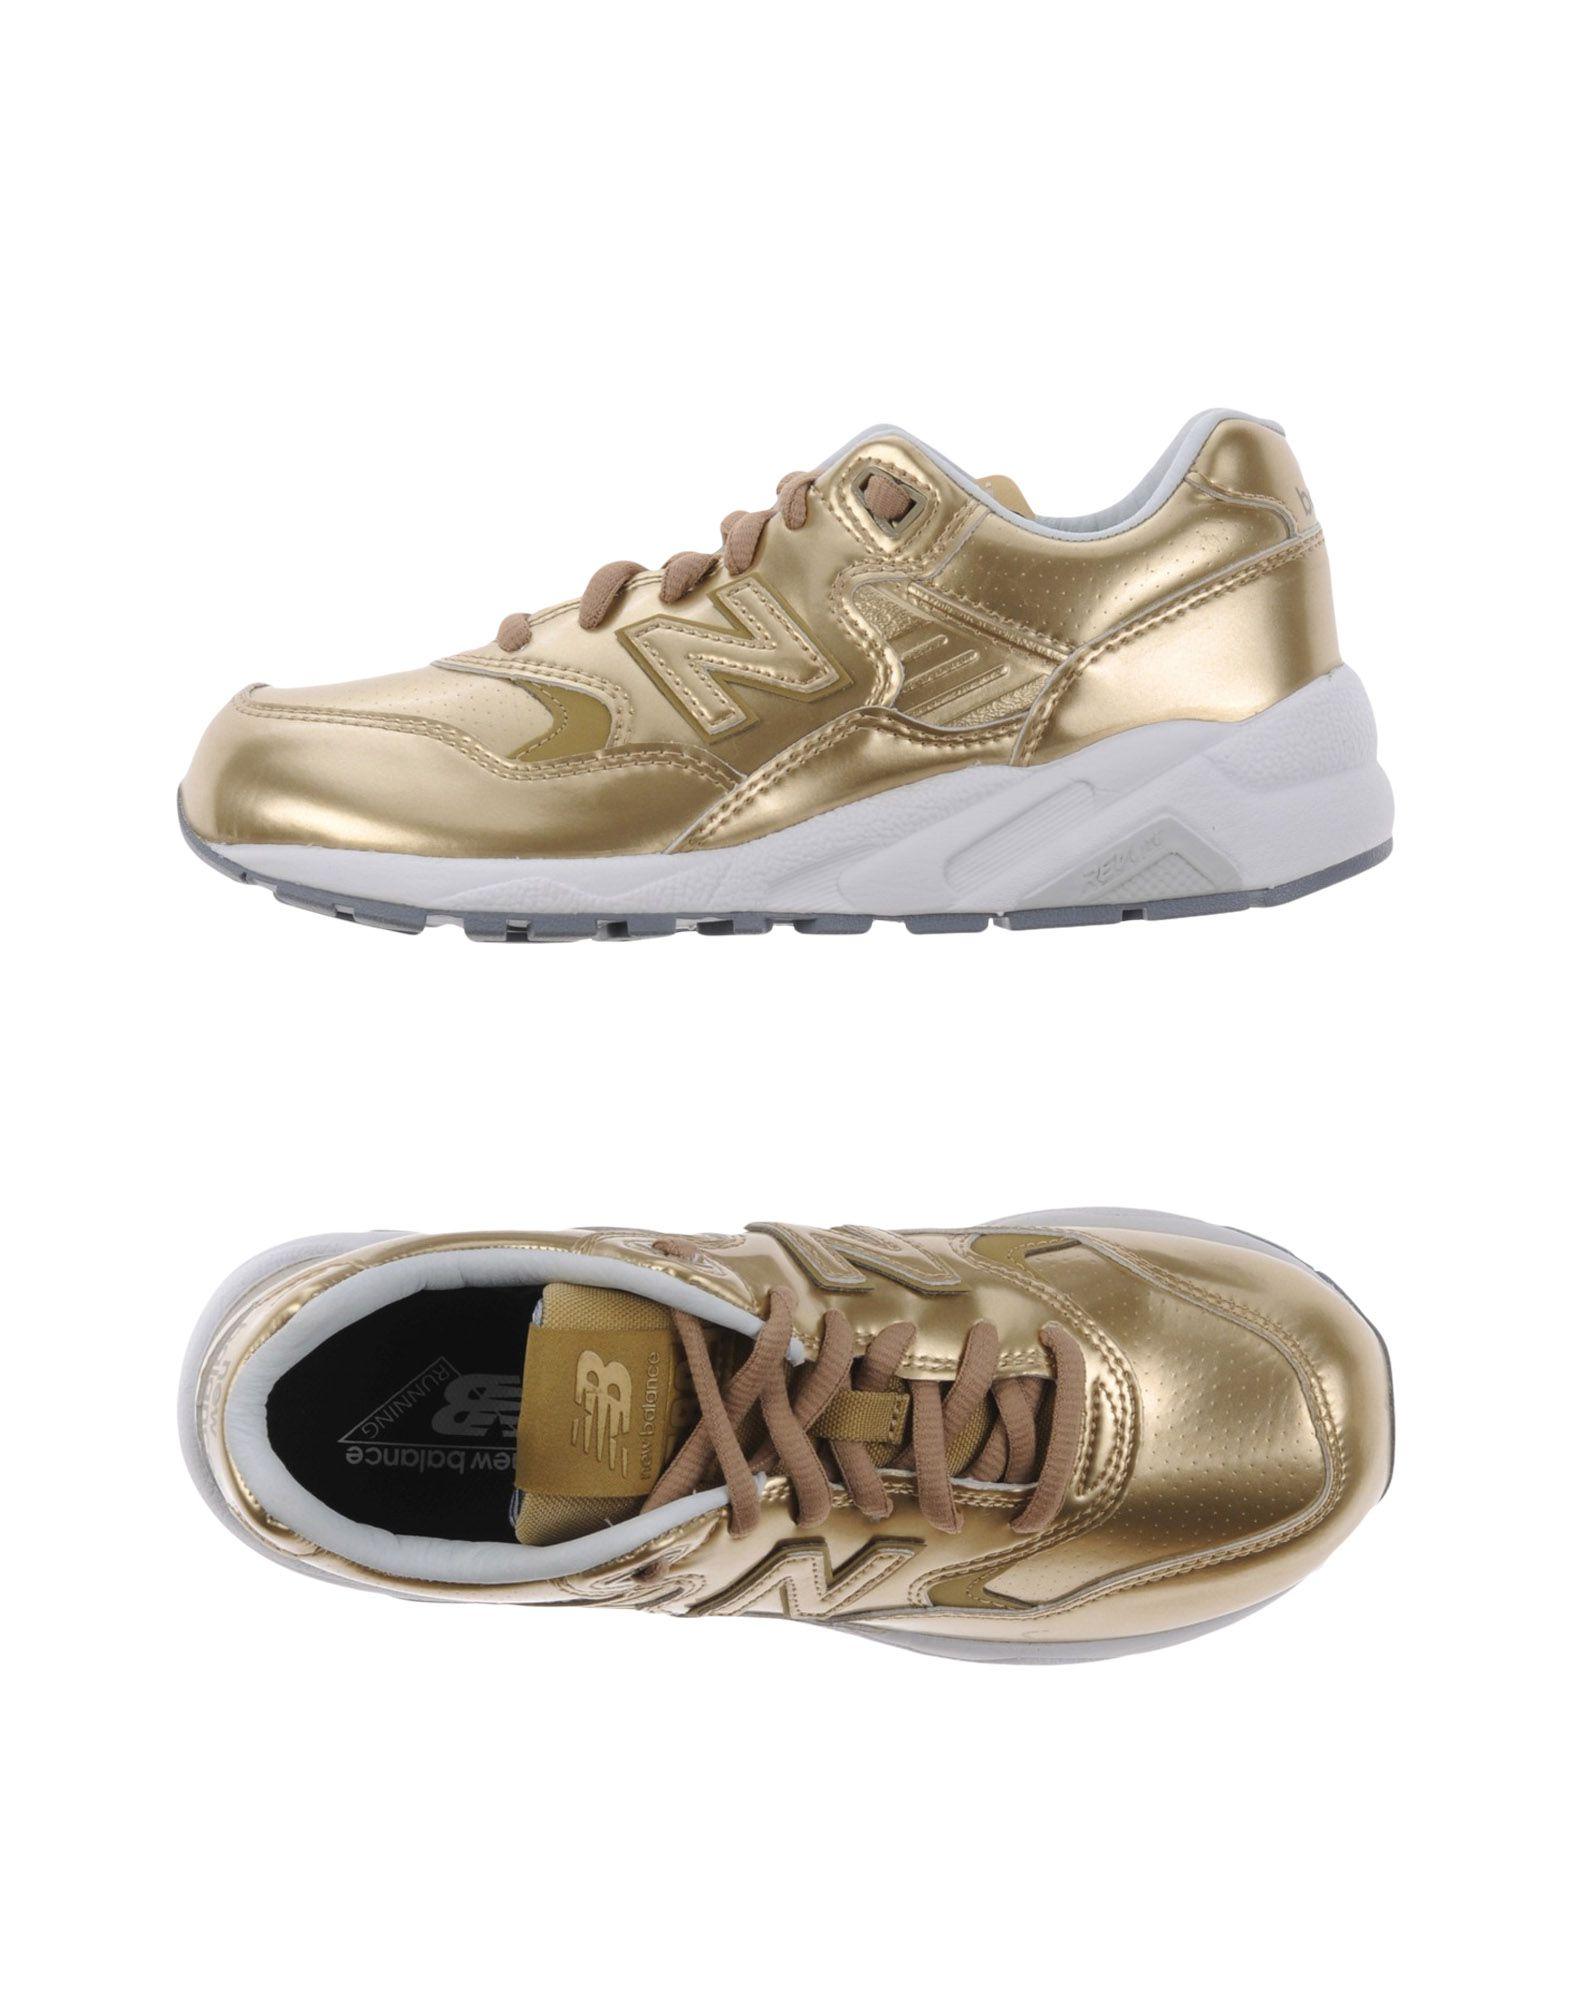 New Balance Sneakers Damen beliebte  11211686SA Gute Qualität beliebte Damen Schuhe a0d93e